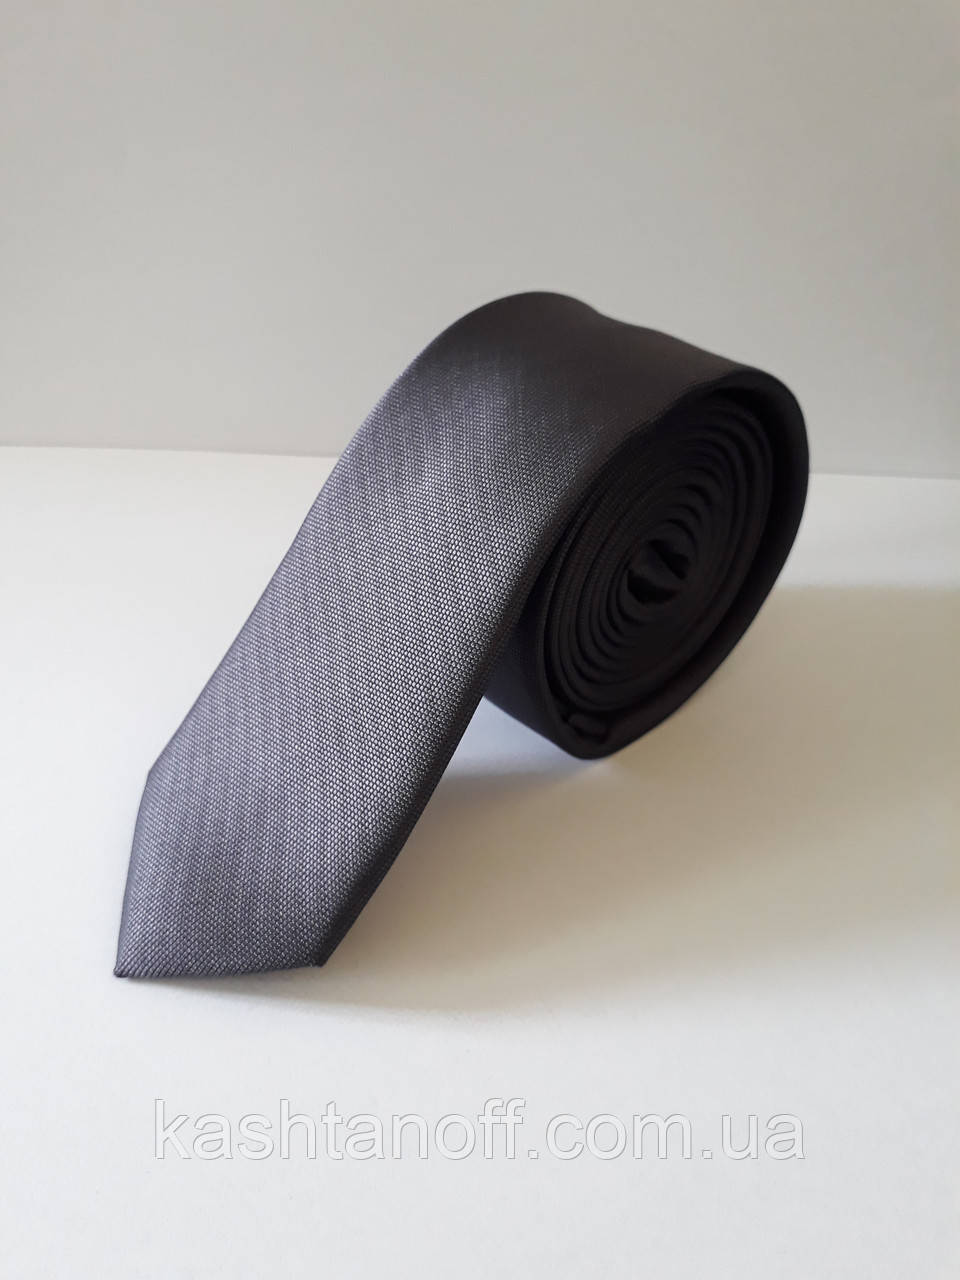 Узкий серый галстук